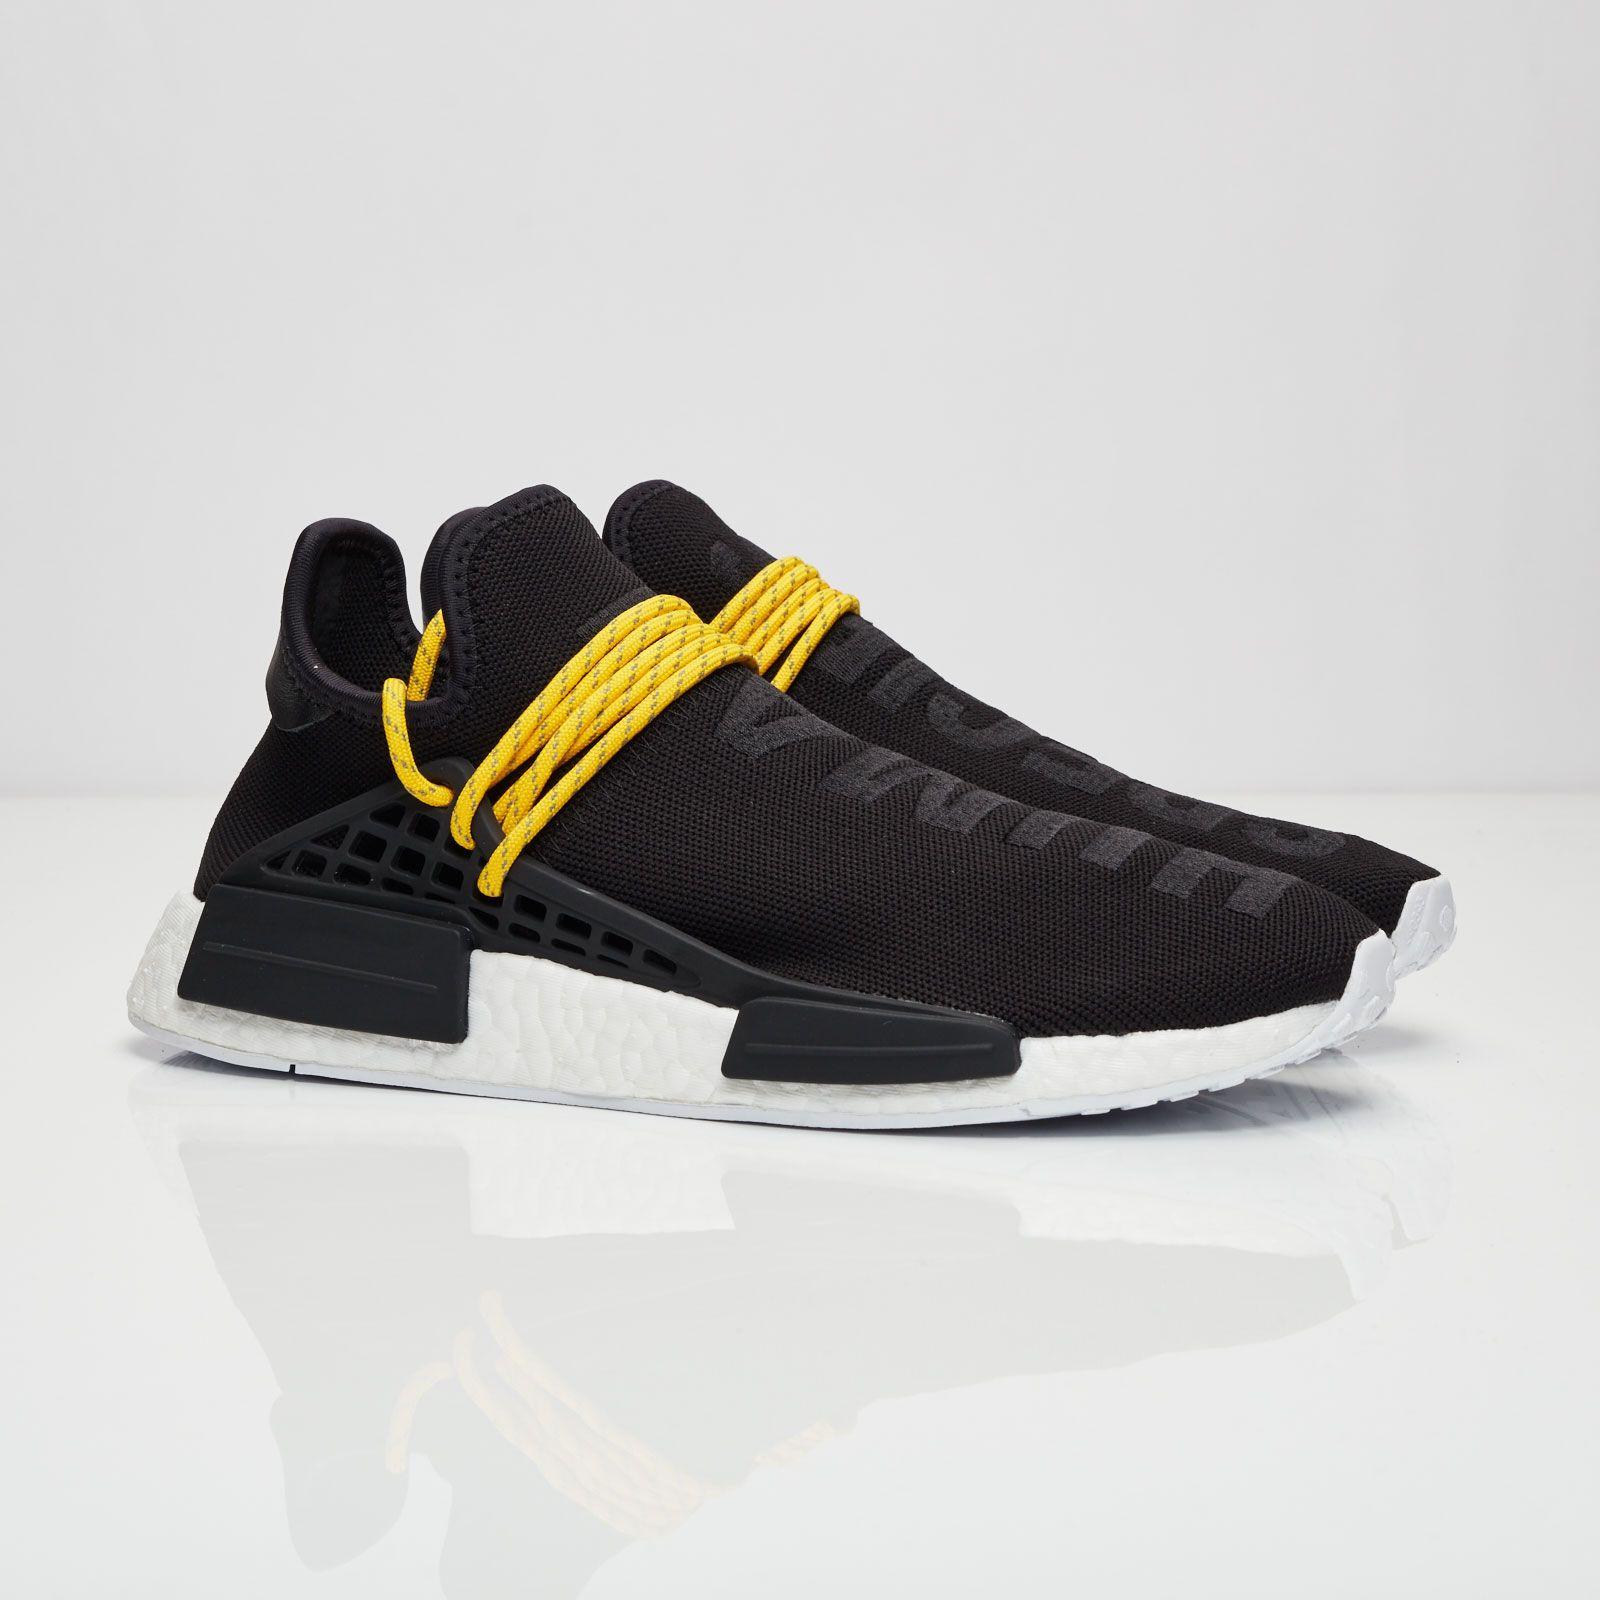 Course Hommes Rapides Pk Chaussures De Sport, Adidas Noir